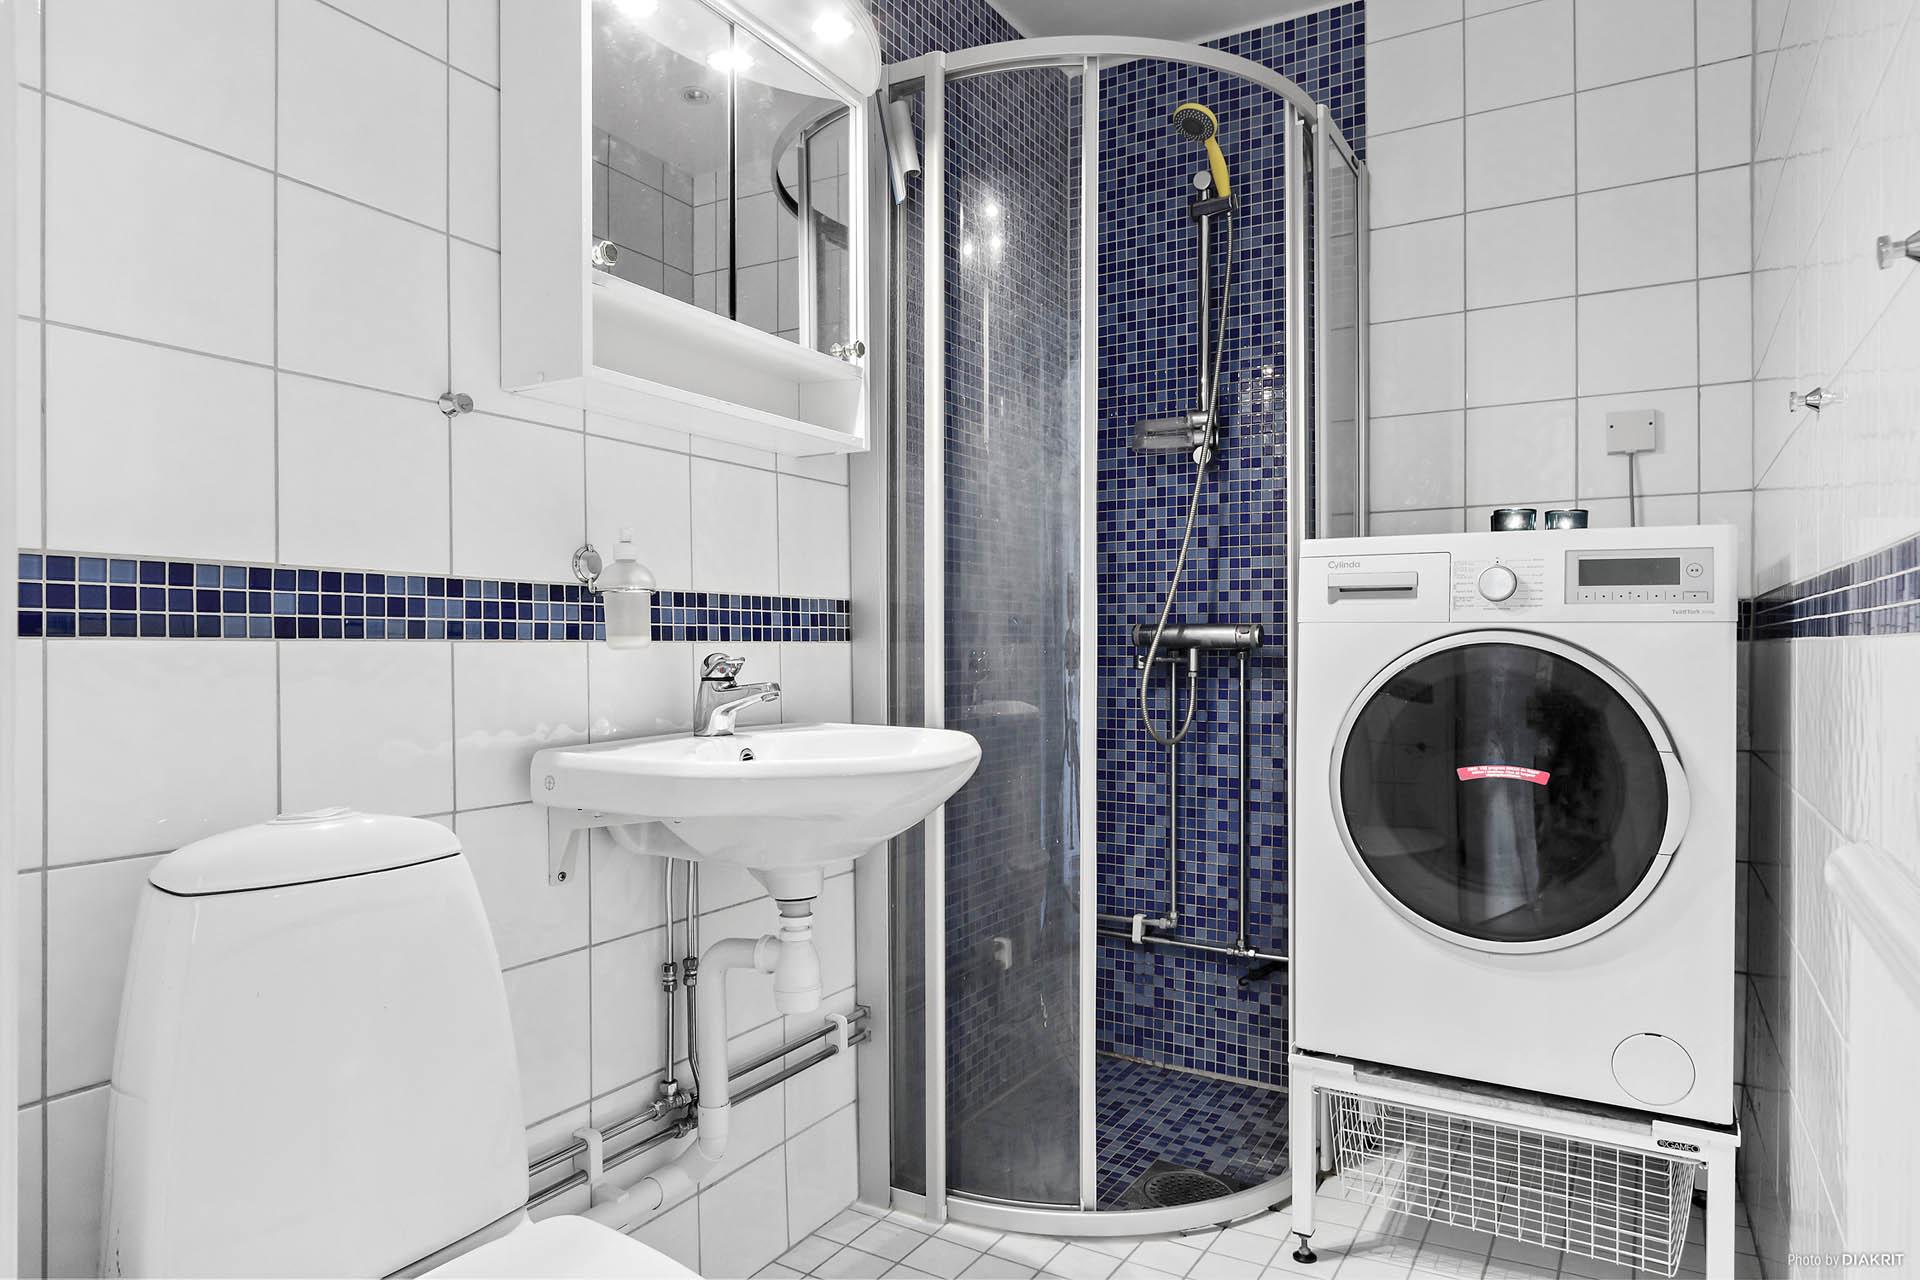 Duschrum med klinkers och kakel. Tvättmaskin med tumlarfunktion